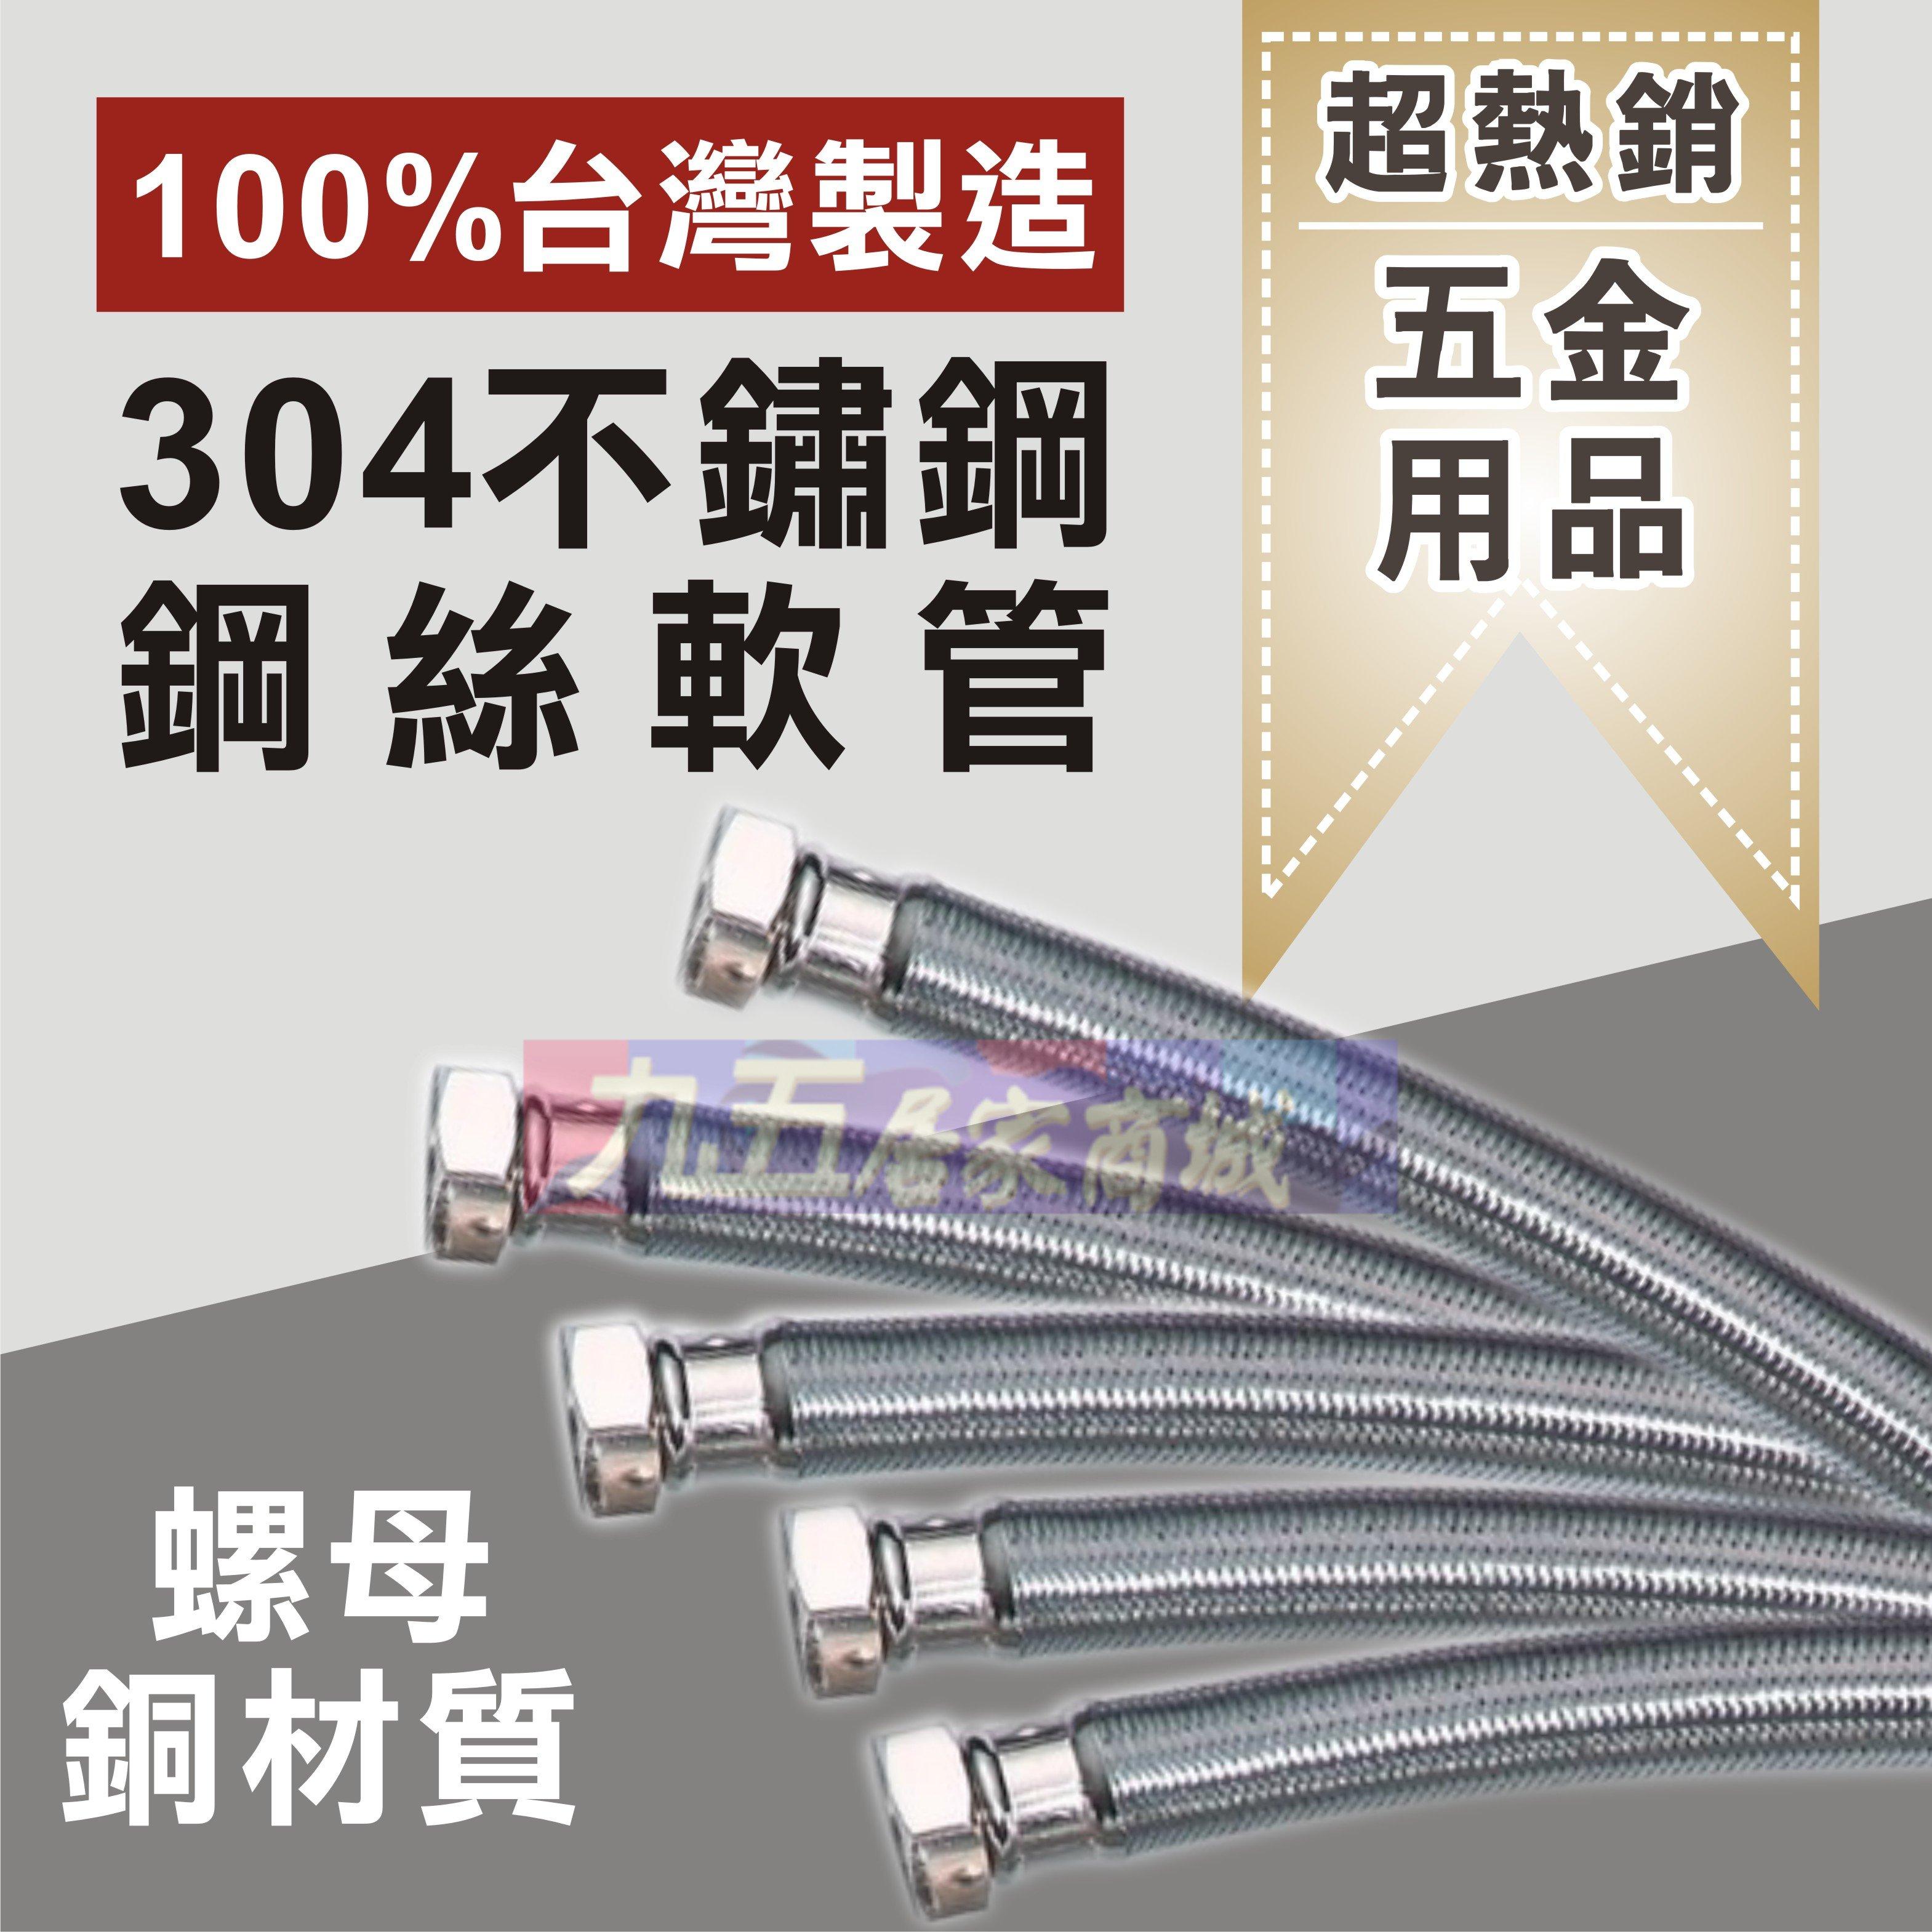 附發票 304不鏽鋼鋼絲軟管(2尺) 高壓鋼絲軟管 白鐵鋼絲軟管 白鐵鍊仔管 白鐵編織管